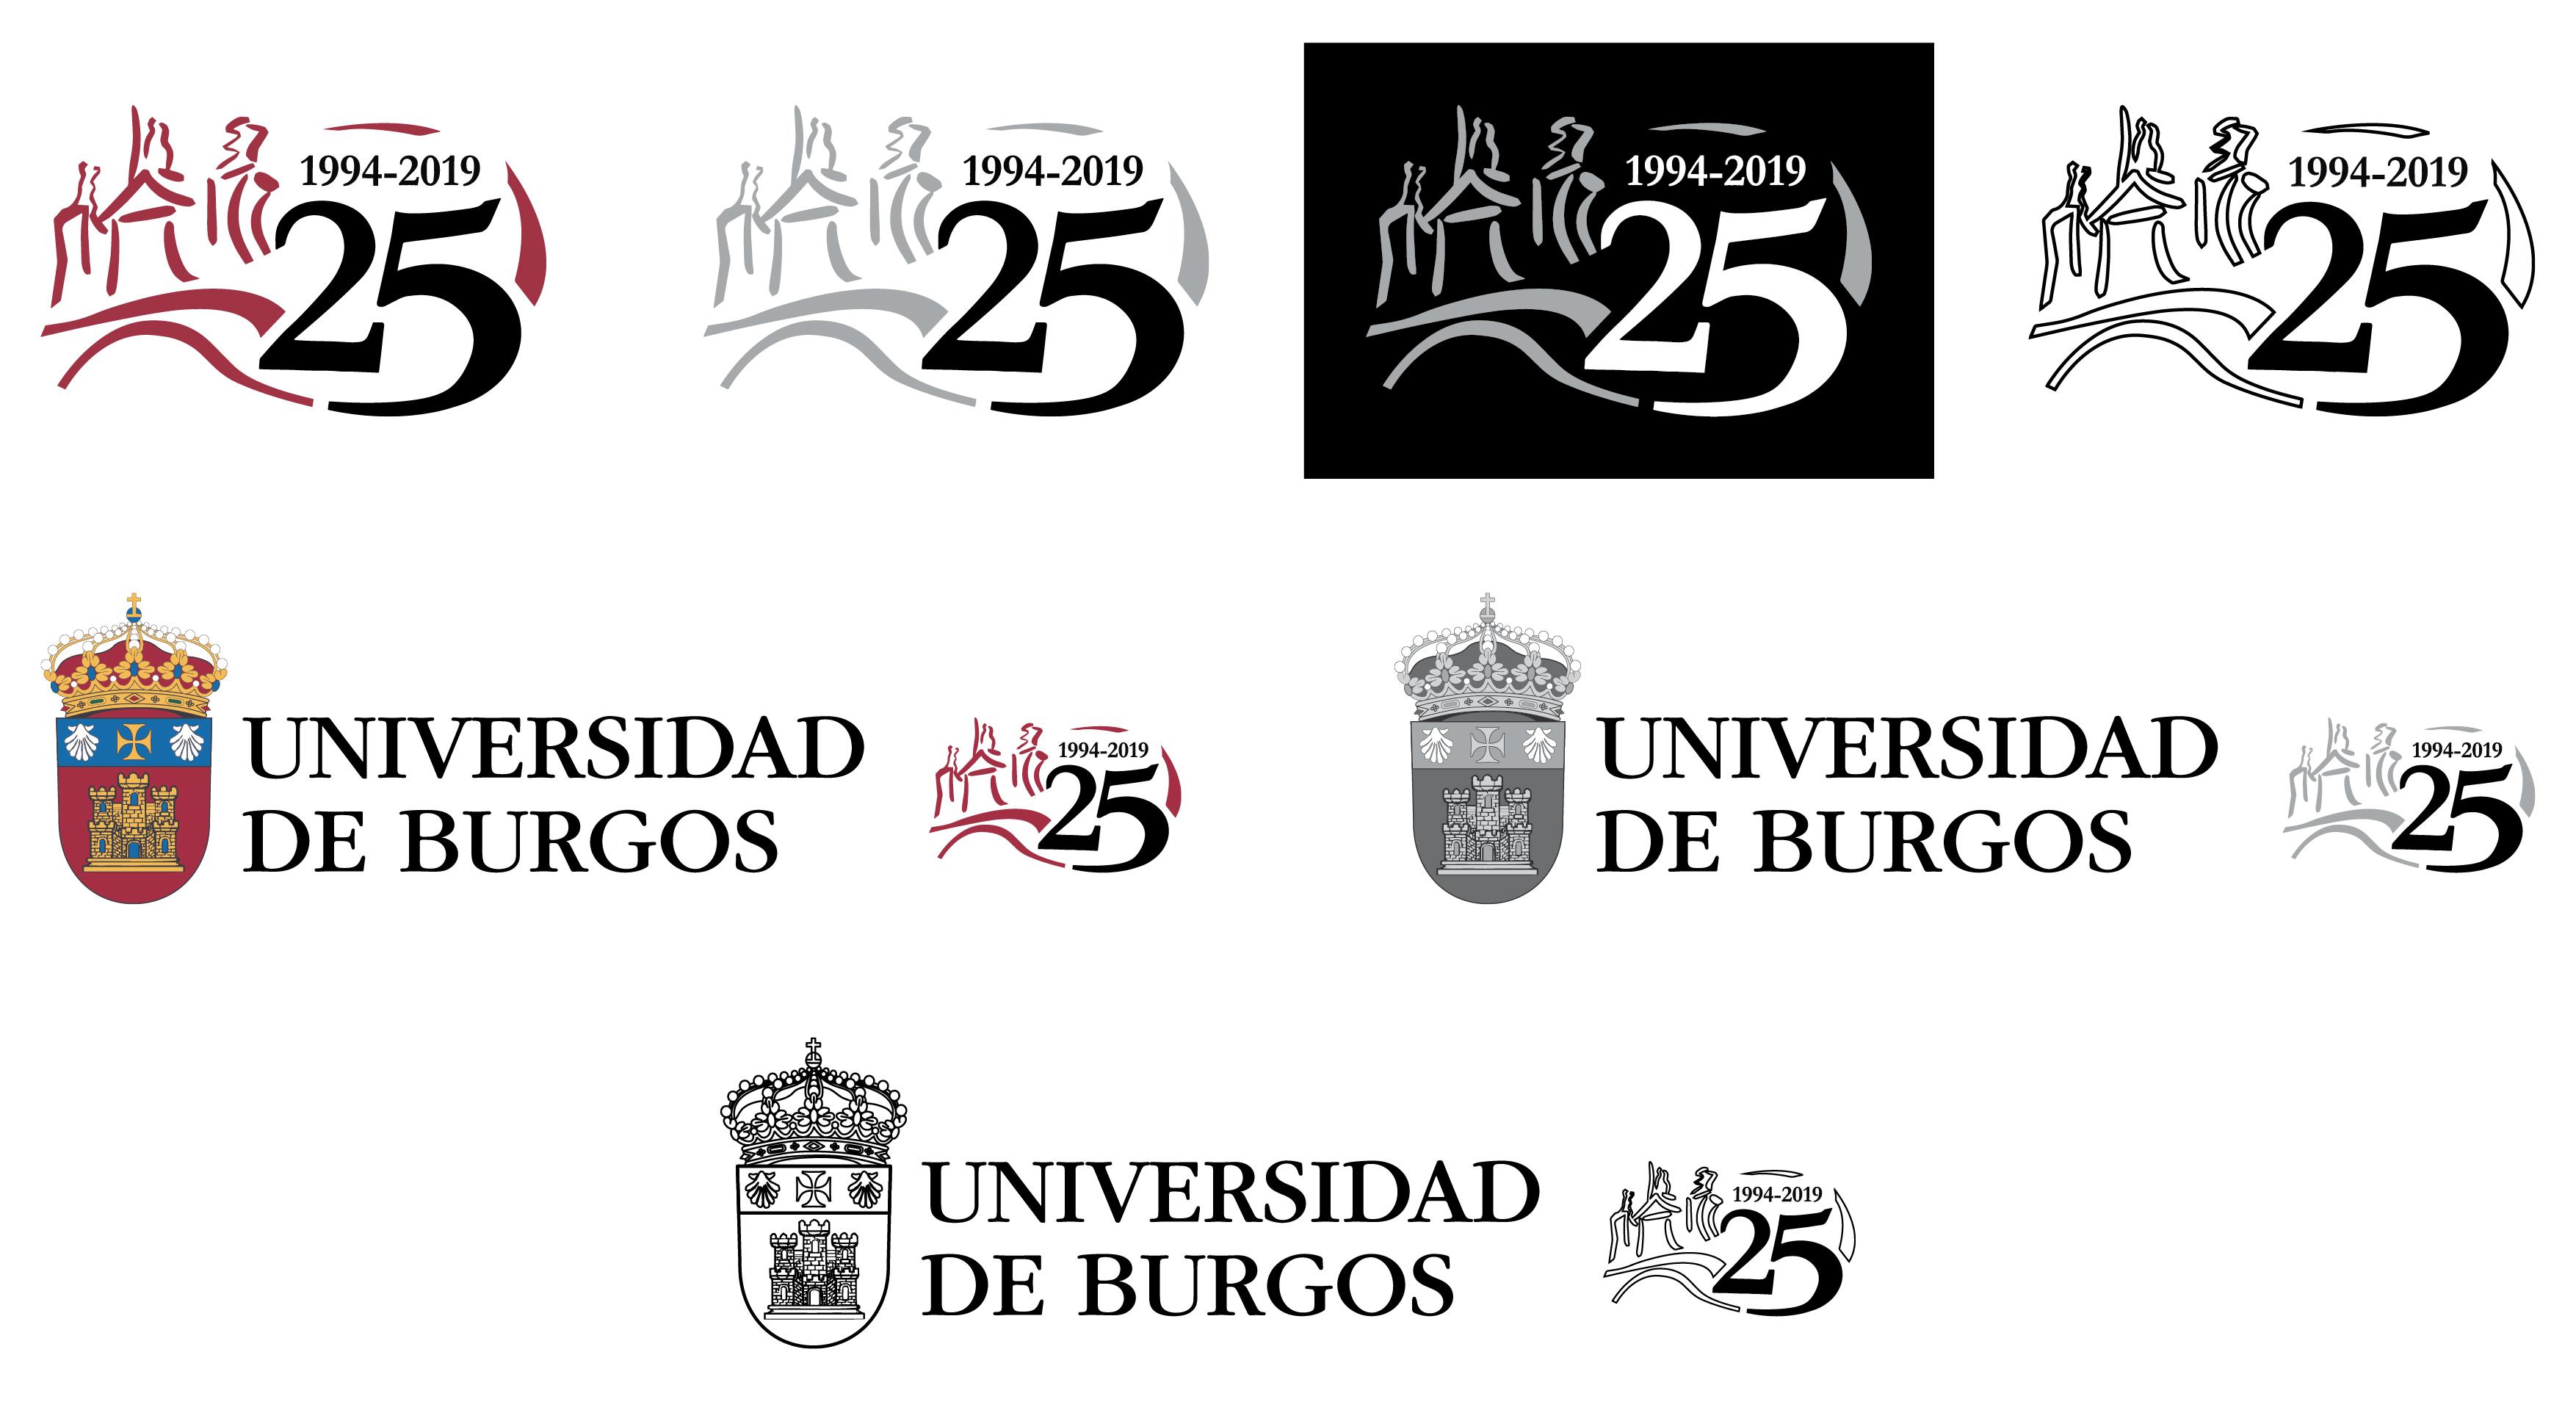 A continación se pone a disposición de la Comunidad Universitaria las principales versiones y formatos de archivo del logotipo del 25 aniversario.